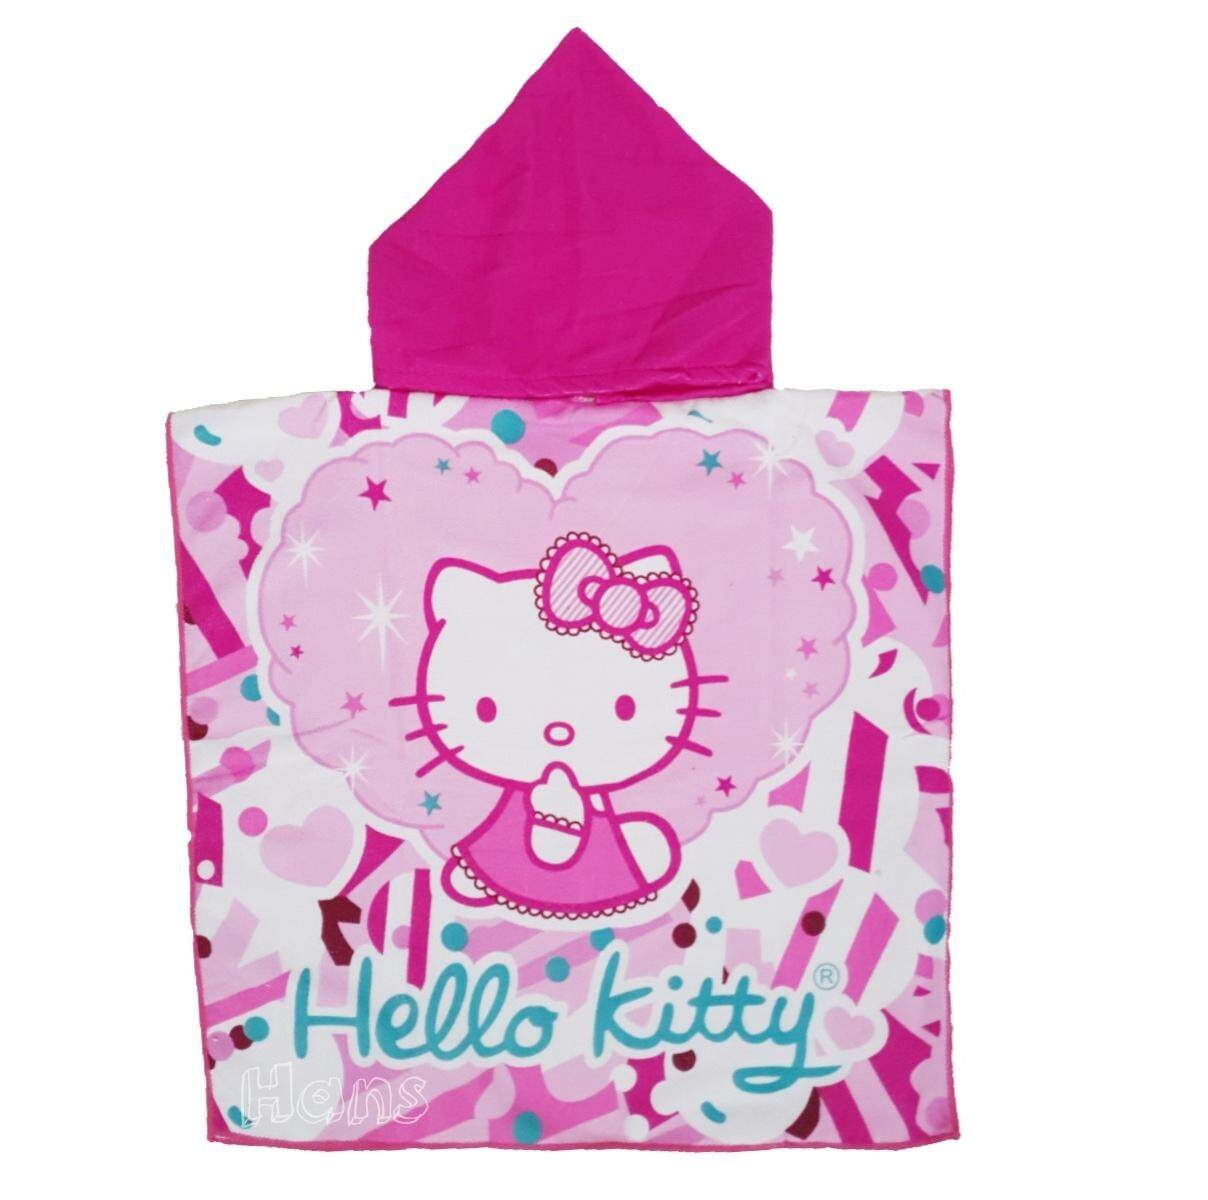 Kitty-เสื้อคลุมอาบน้ำ ว่ายน้ำ เด็ก ขนาด 60x120 ซม..